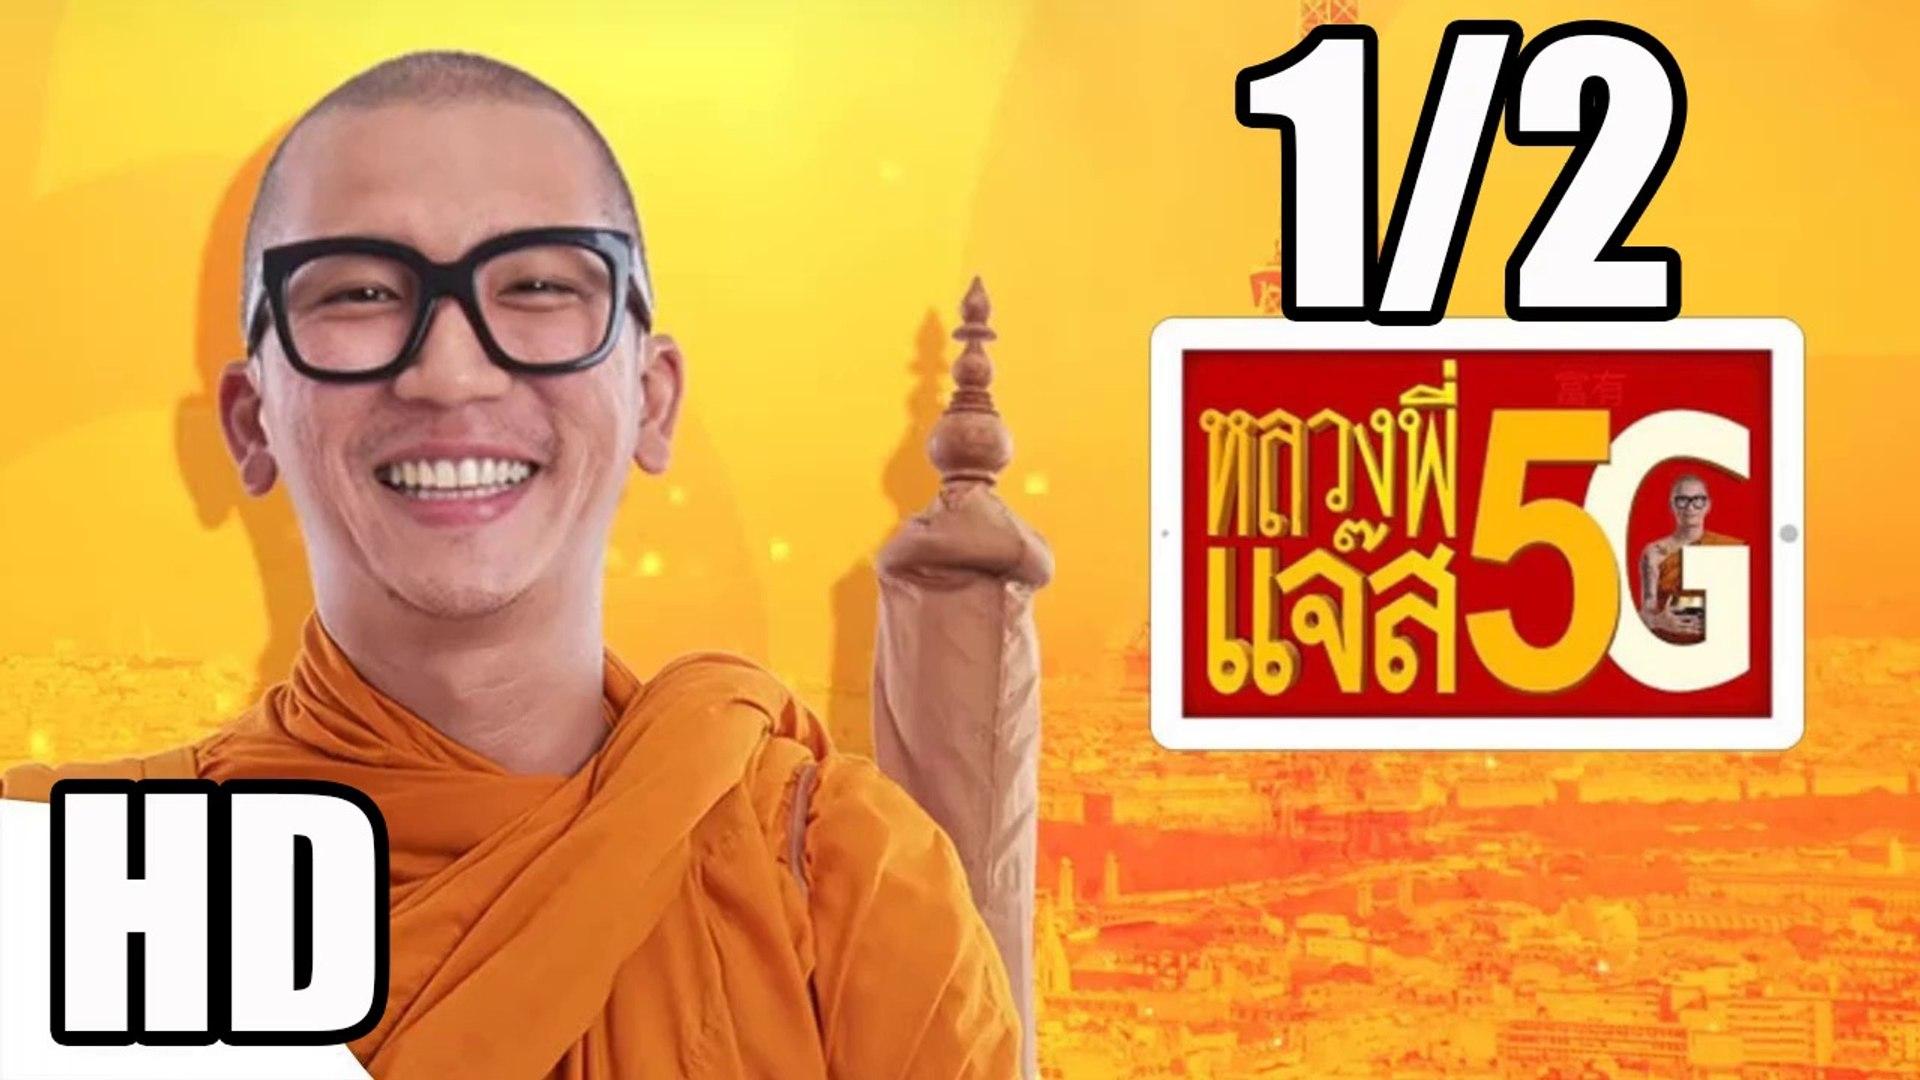 หลวงพี่เเจ๊ส 5G - Luang Pee Jazz 5G (2018) (1/2)